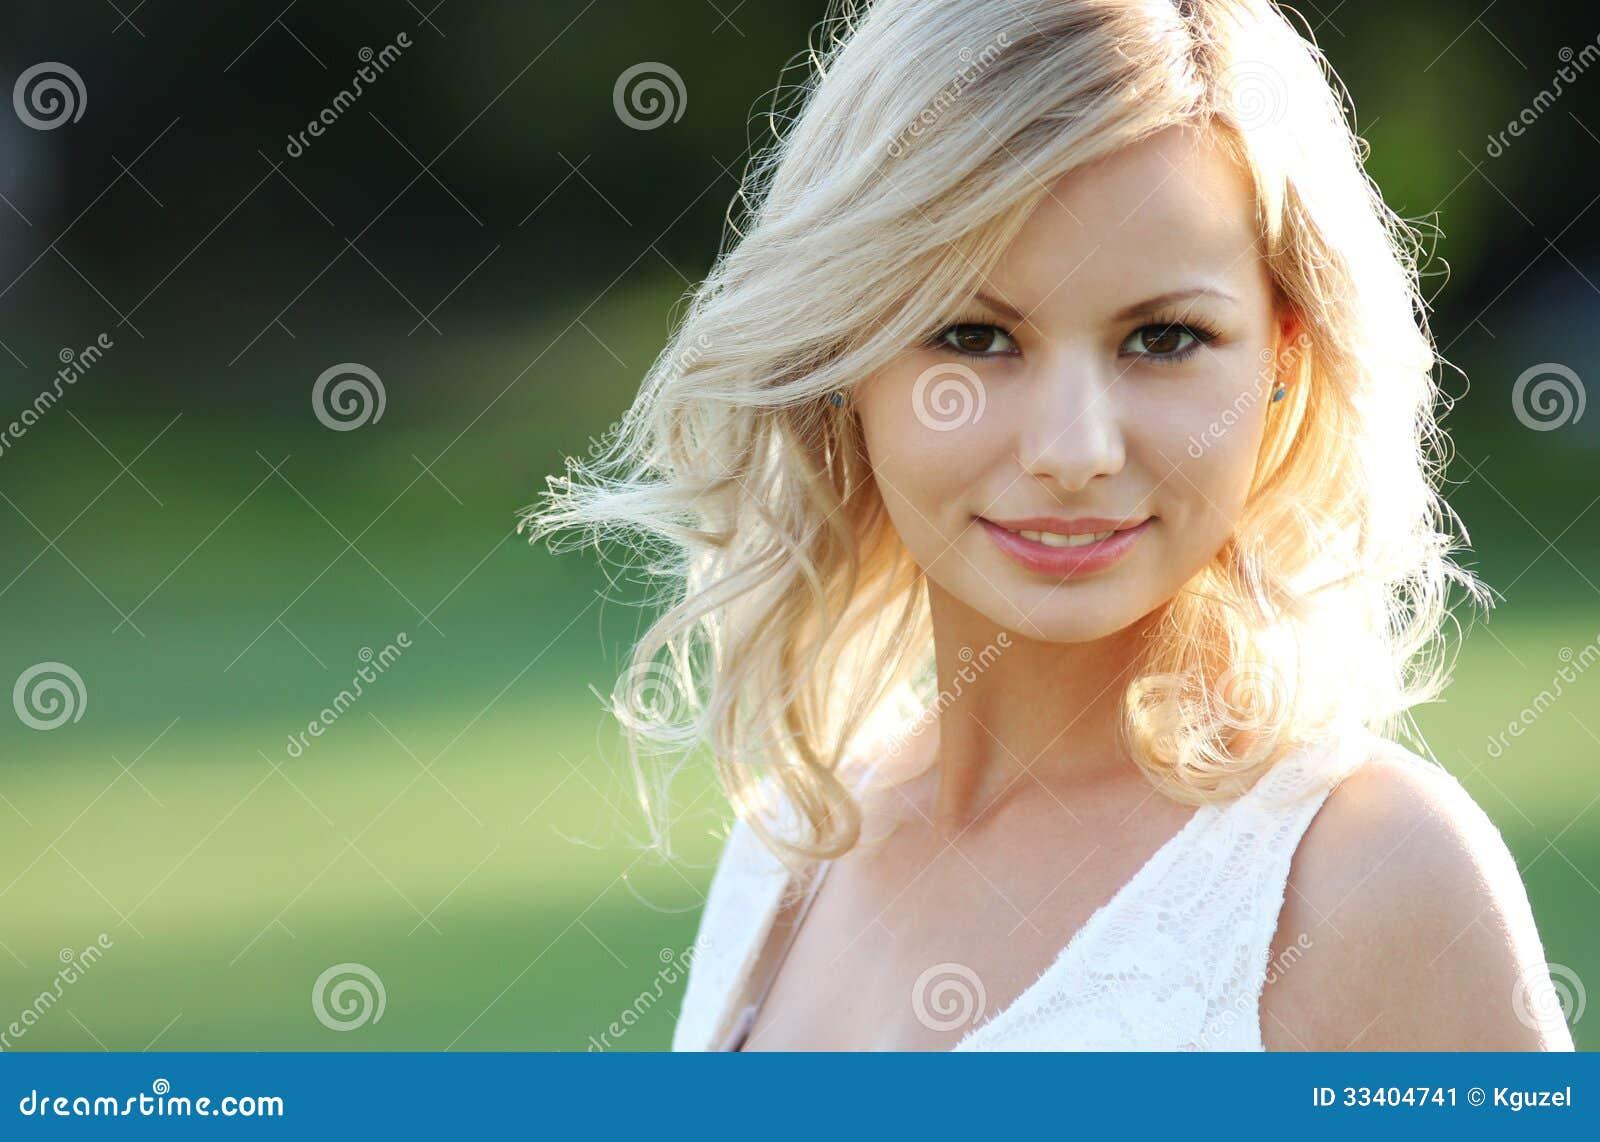 Muchacha rubia sonriente. Retrato de la mujer joven hermosa alegre feliz, al aire libre.